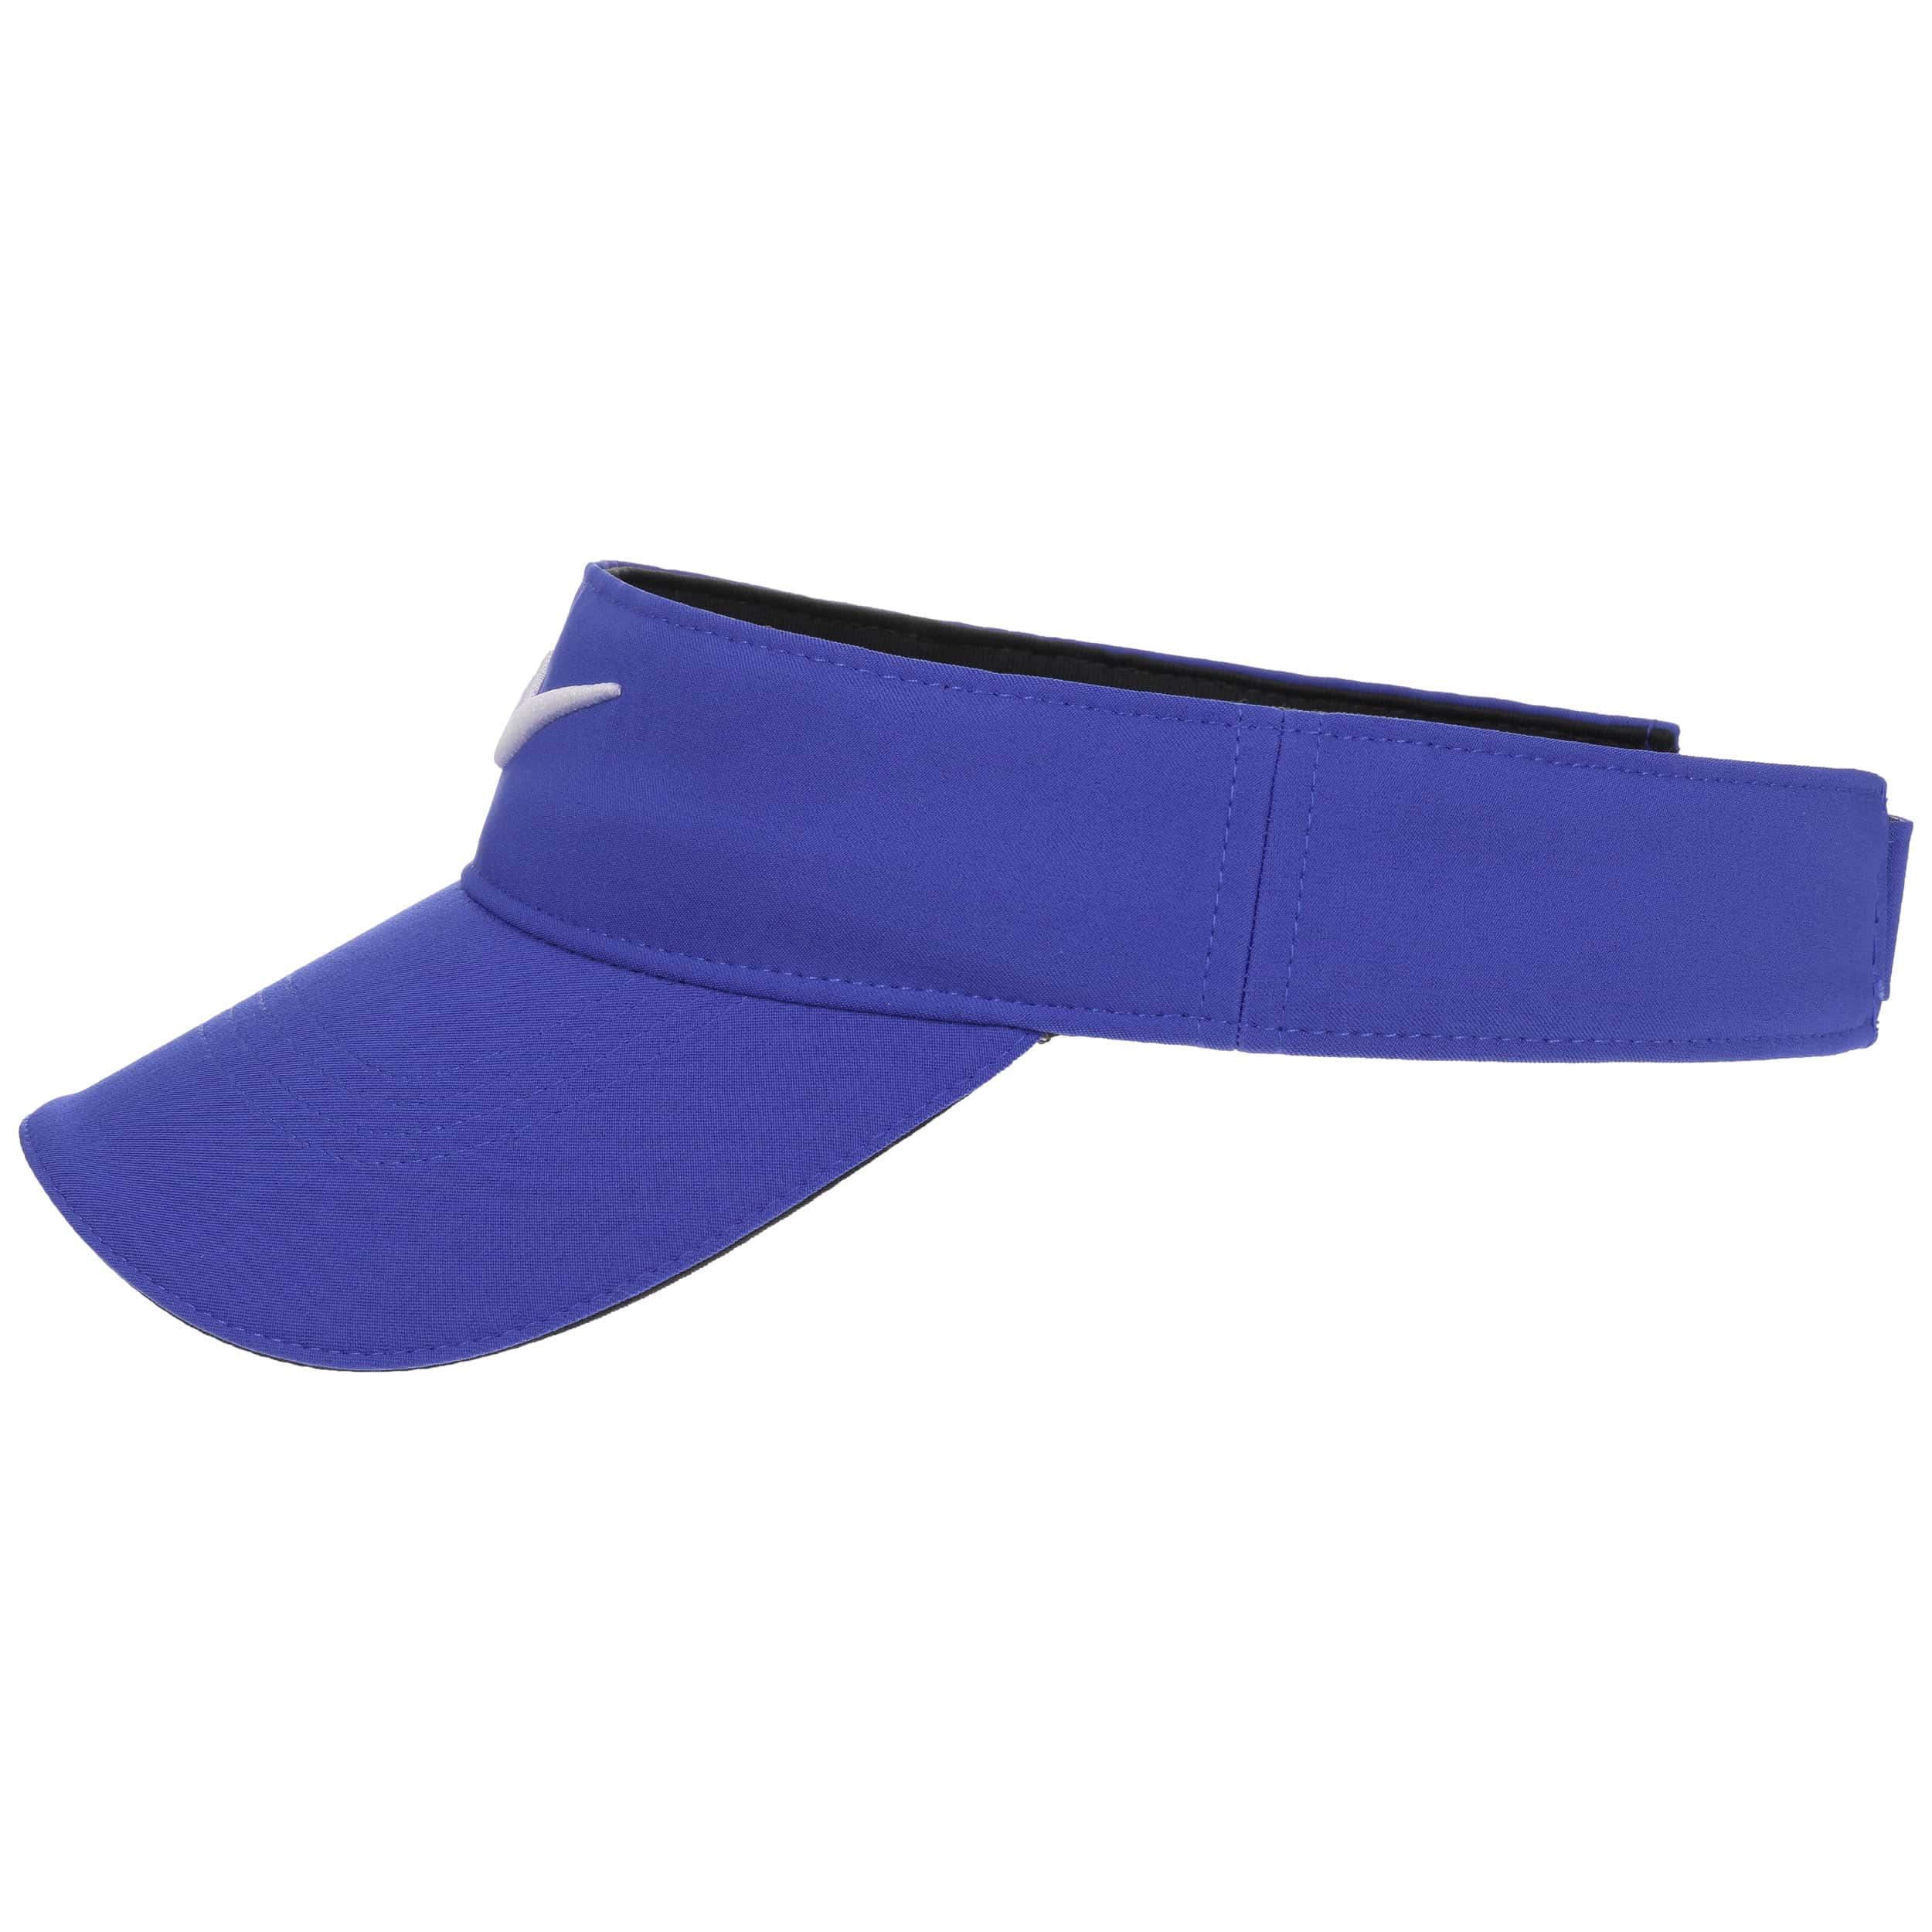 ... Tour Visor by Nike - royal-blue 5 ... ff686a1865c